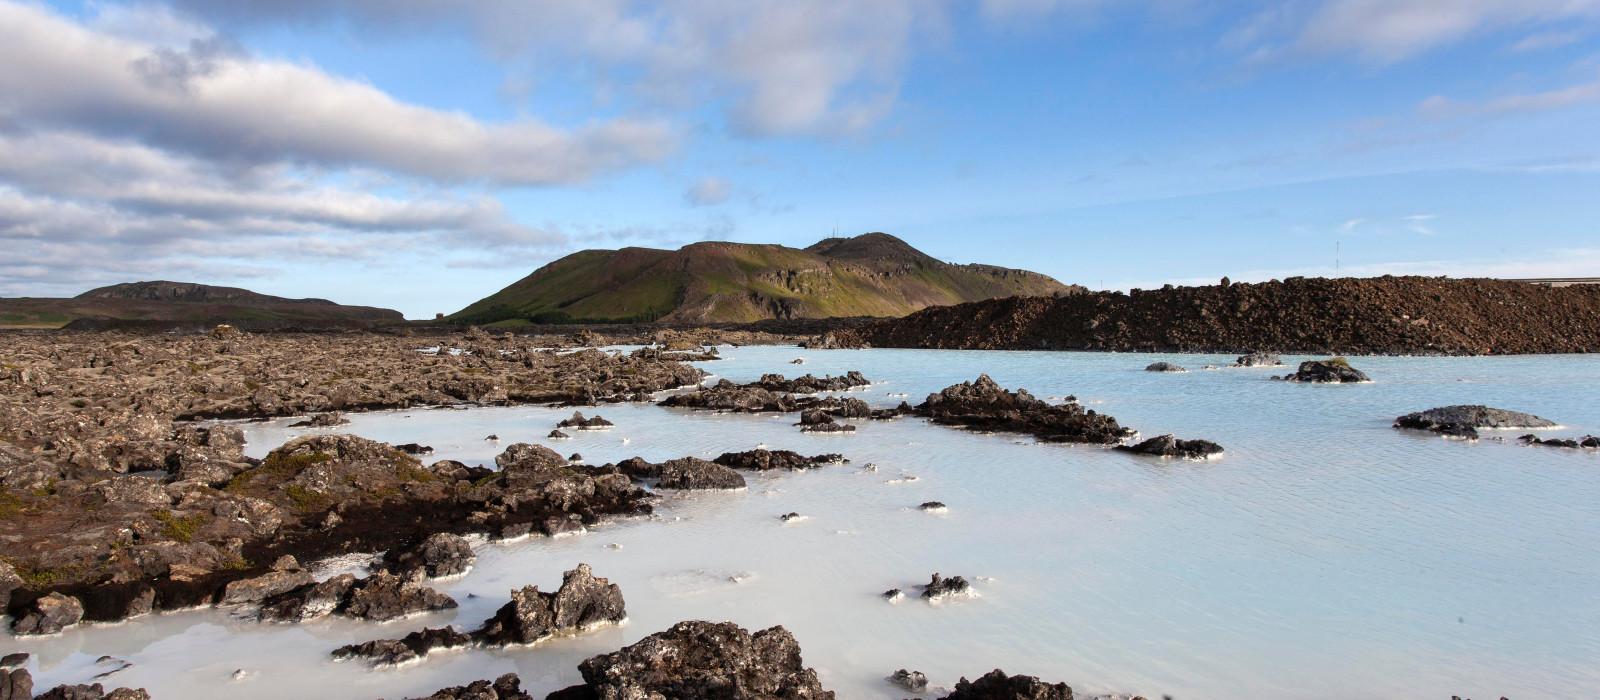 Destination Reykjanes / Blue Lagoon Iceland